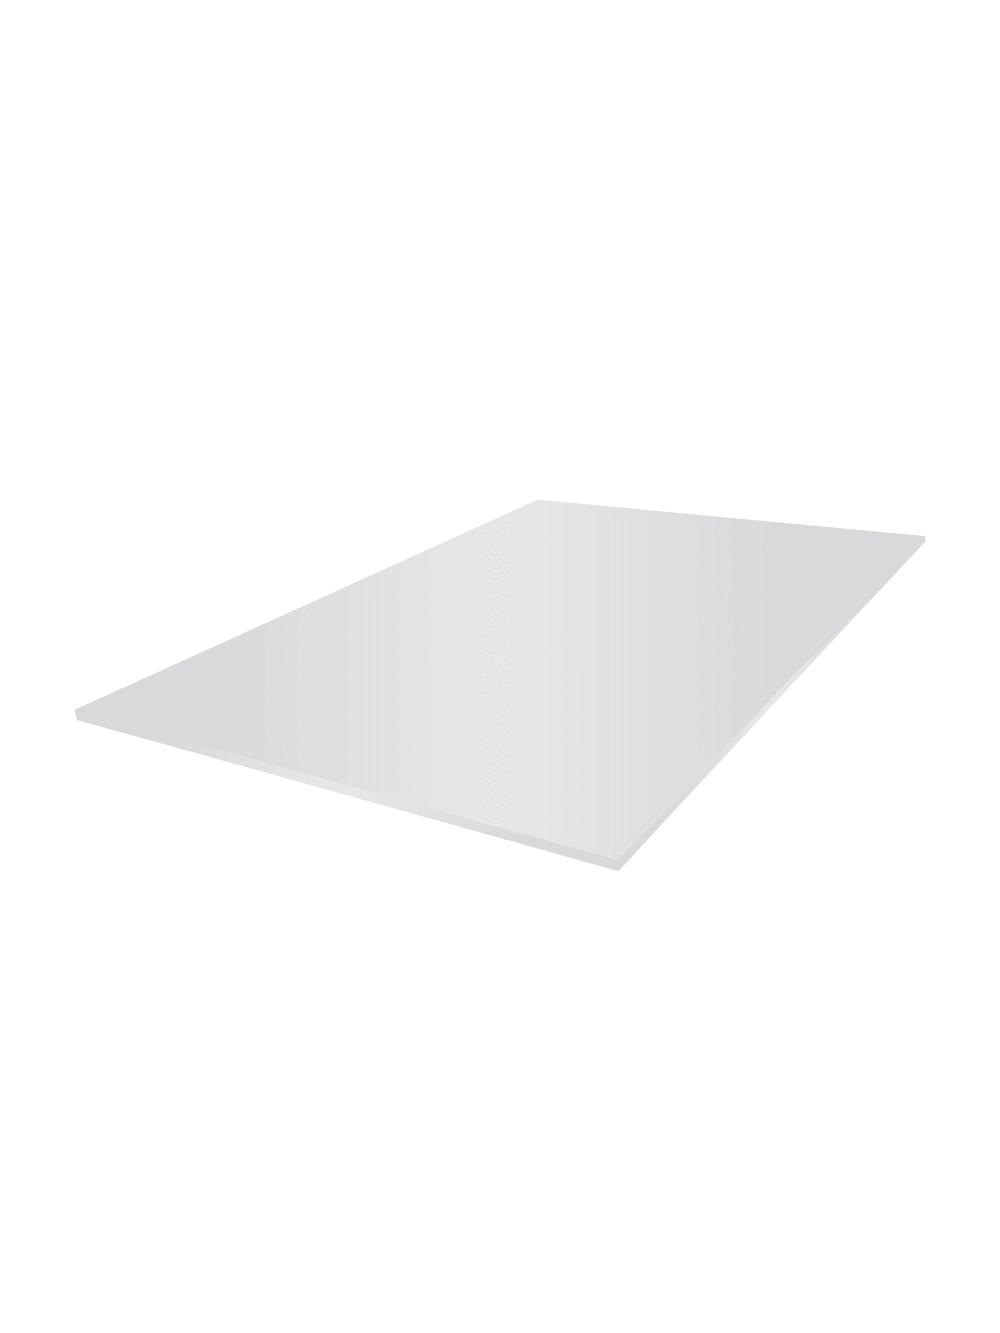 office depot brand foam board 20 x